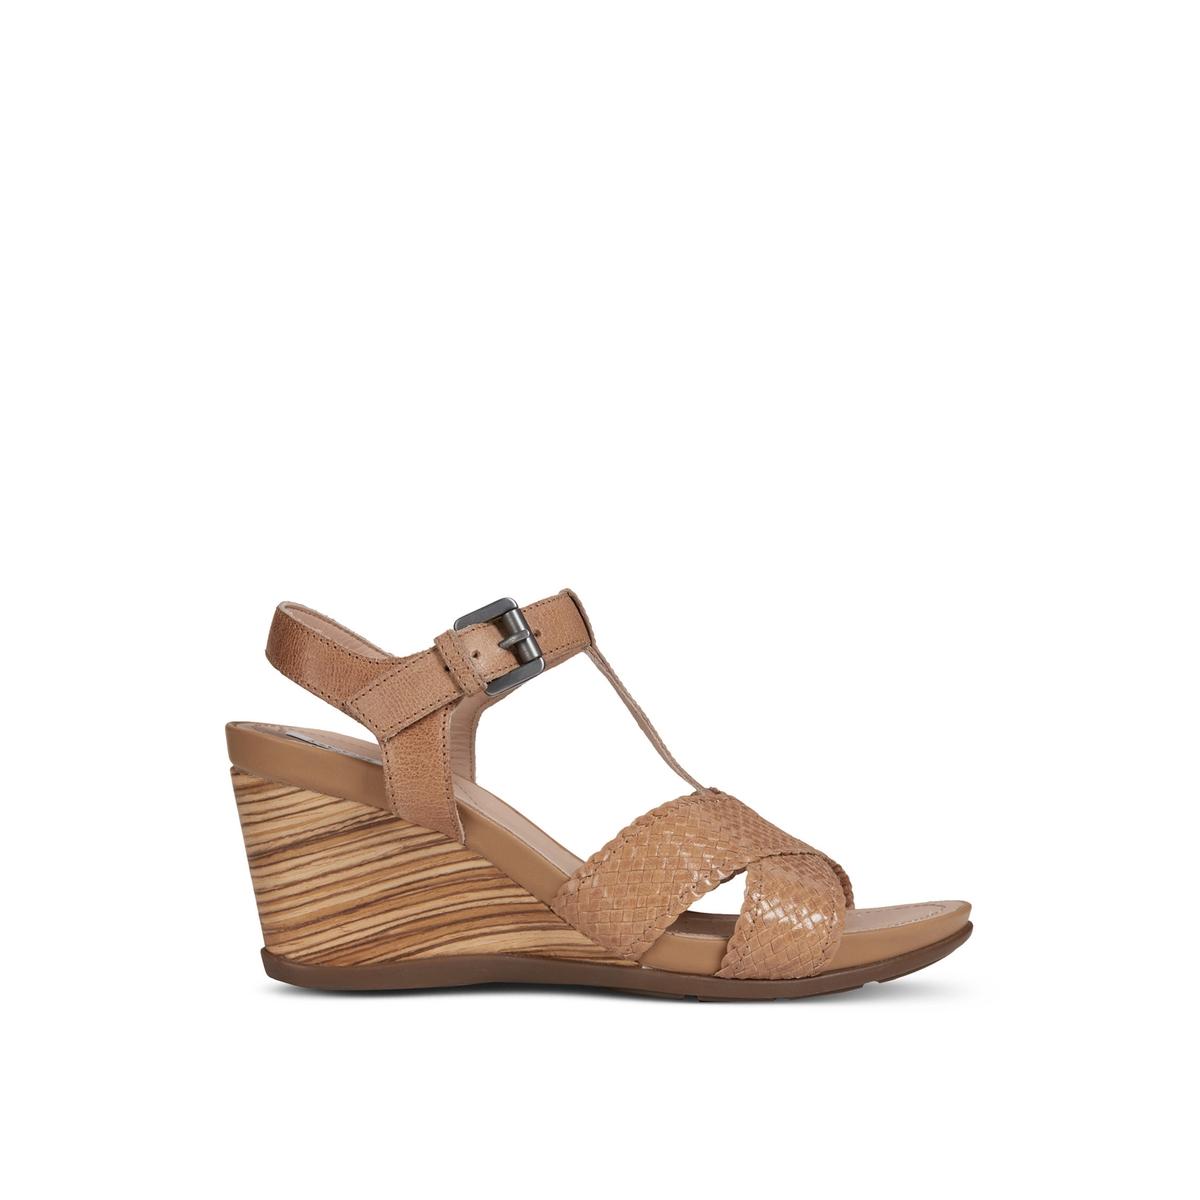 Sandalias con tacón de cuña, transpirables, de piel, Dorotha